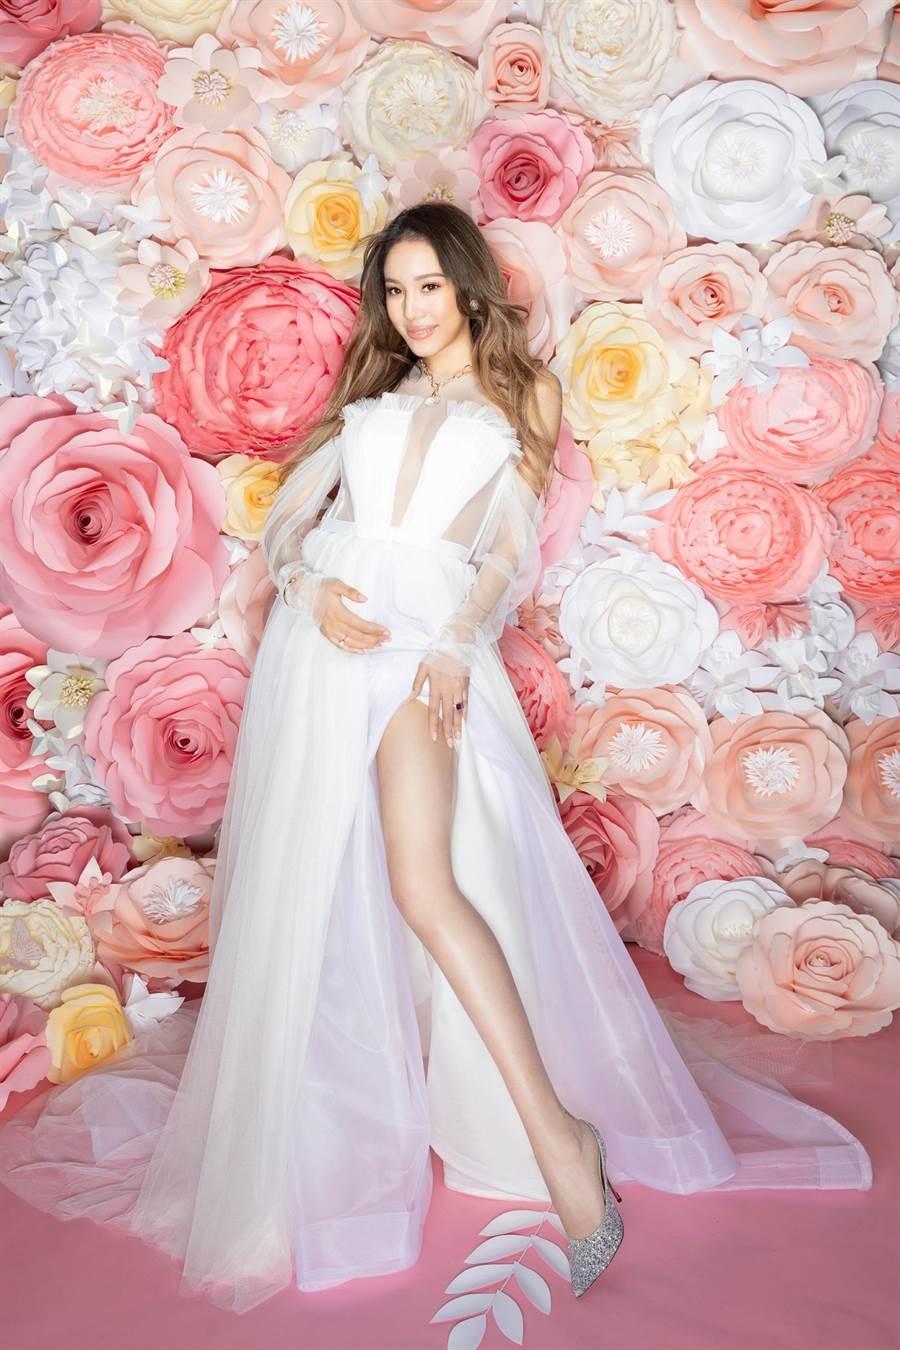 蜜多麗穿微風信義館內的「Vera Wang」、「Jimmy Choo」及微風南山館內的飾品「Pomellato」,辣媽一樣時尚。(微風提供)